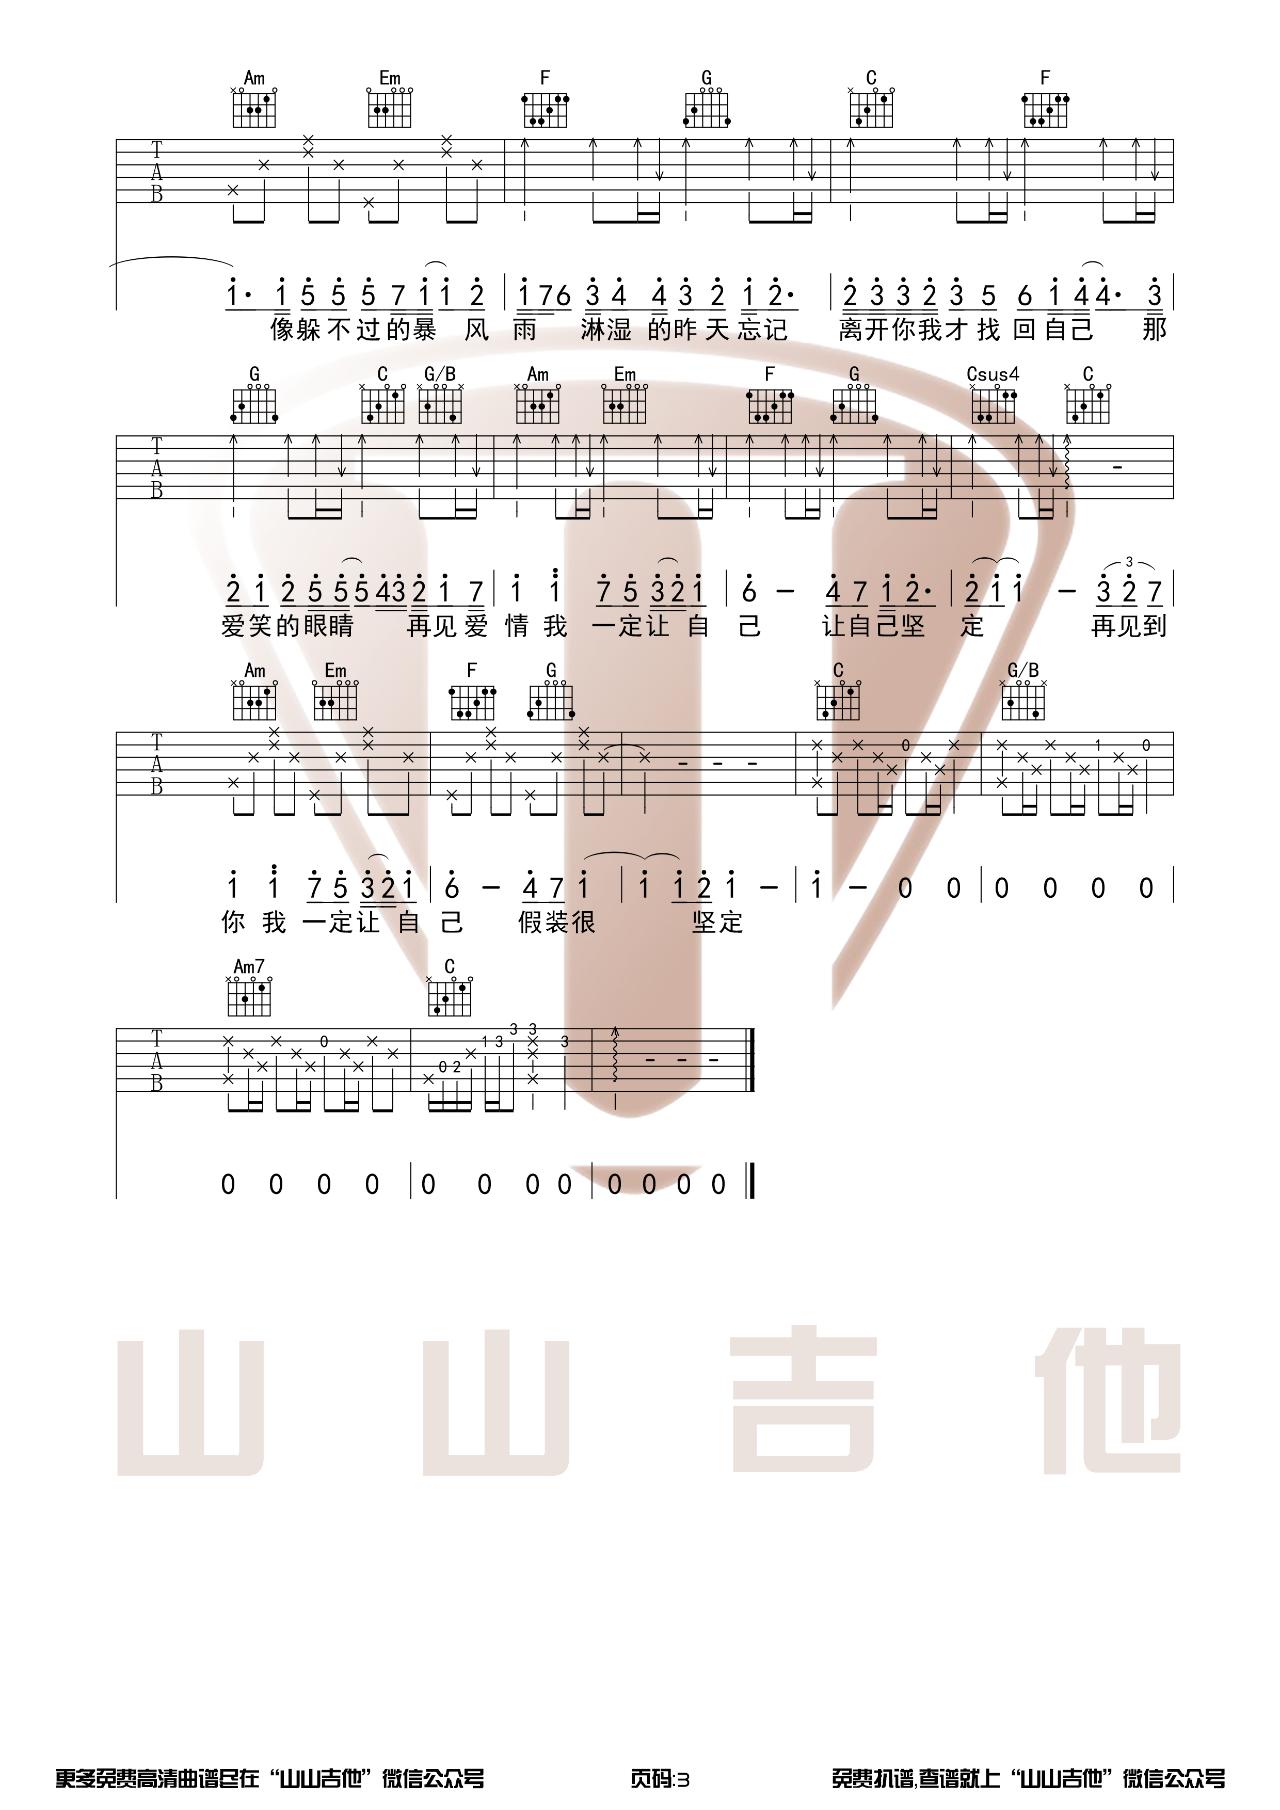 吉他派-山山吉他-《爱笑的眼睛》吉他谱-3